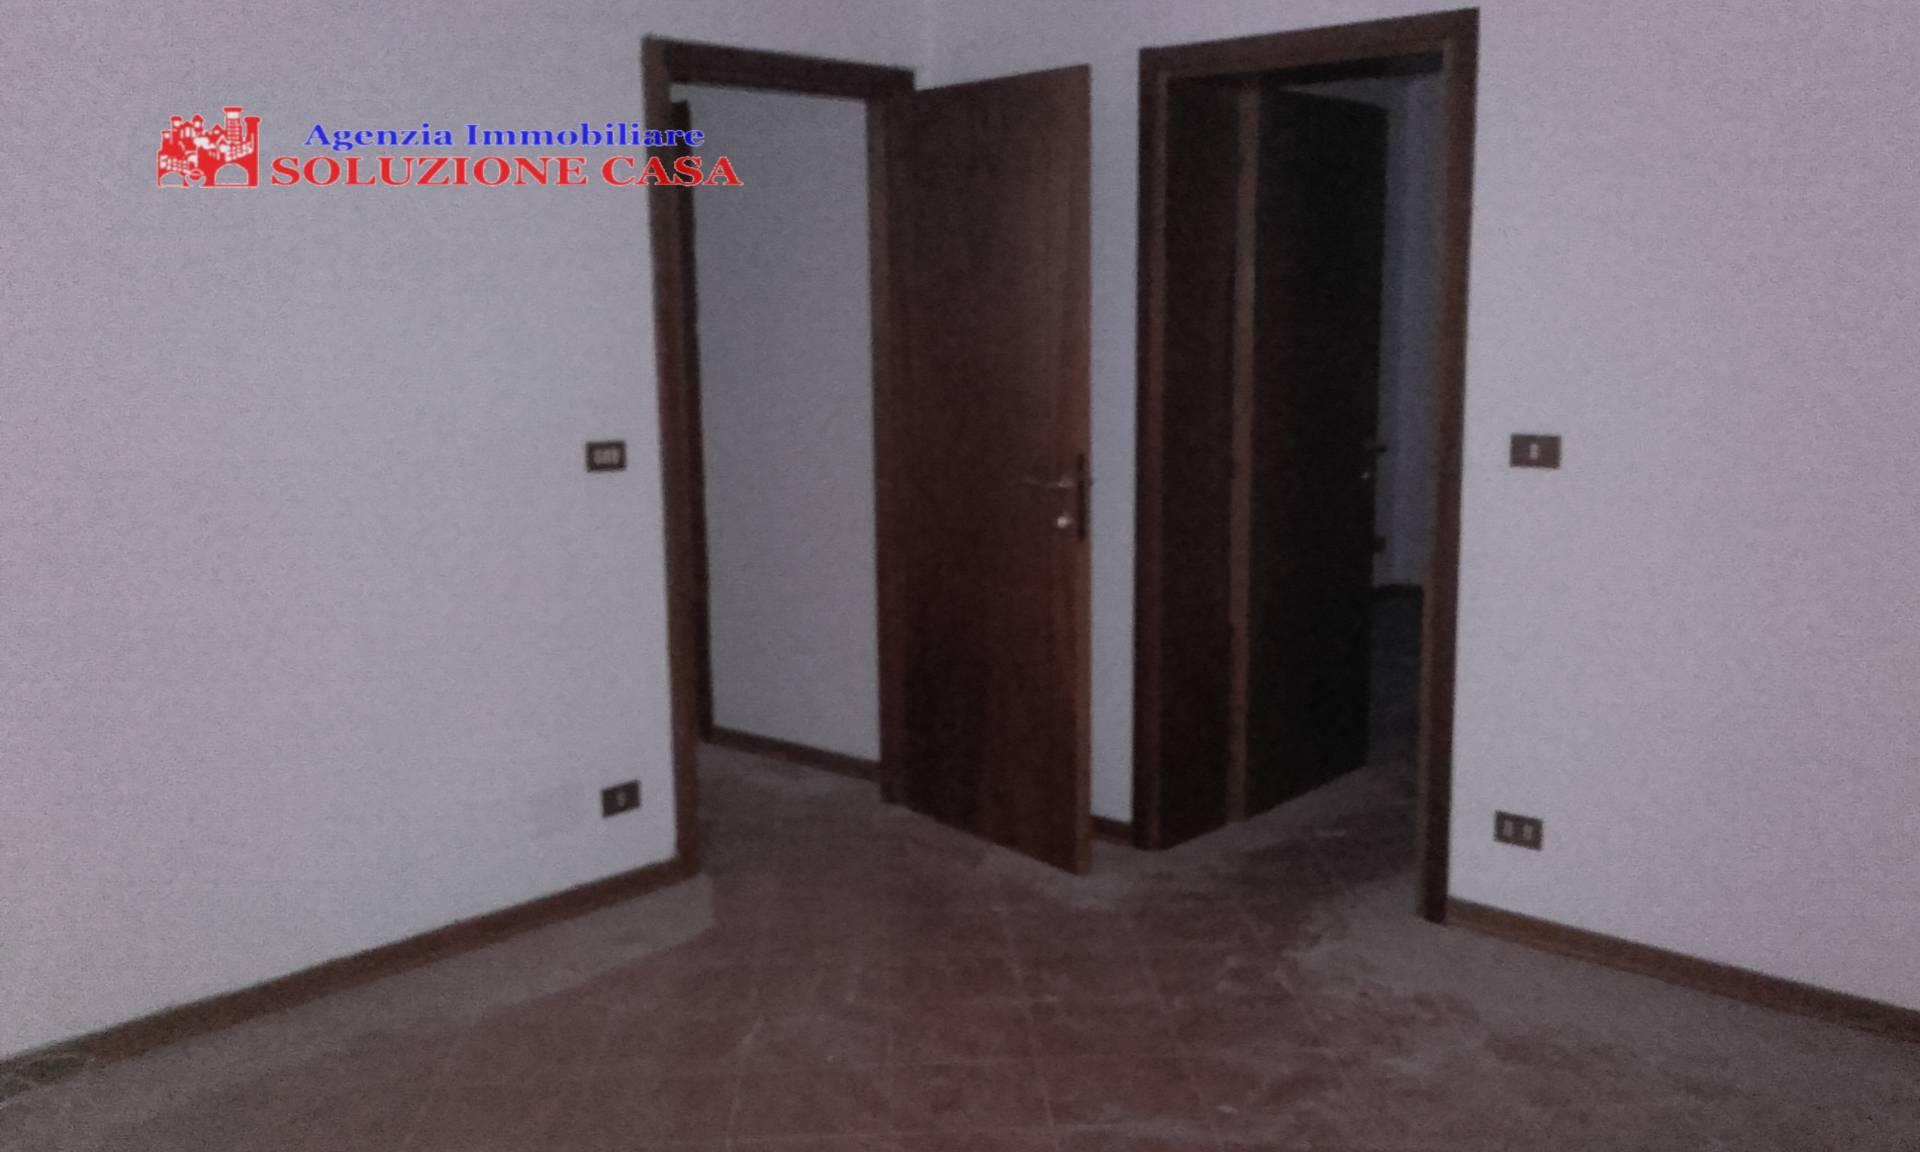 Ufficio / Studio in affitto a Cento, 9999 locali, prezzo € 550 | CambioCasa.it